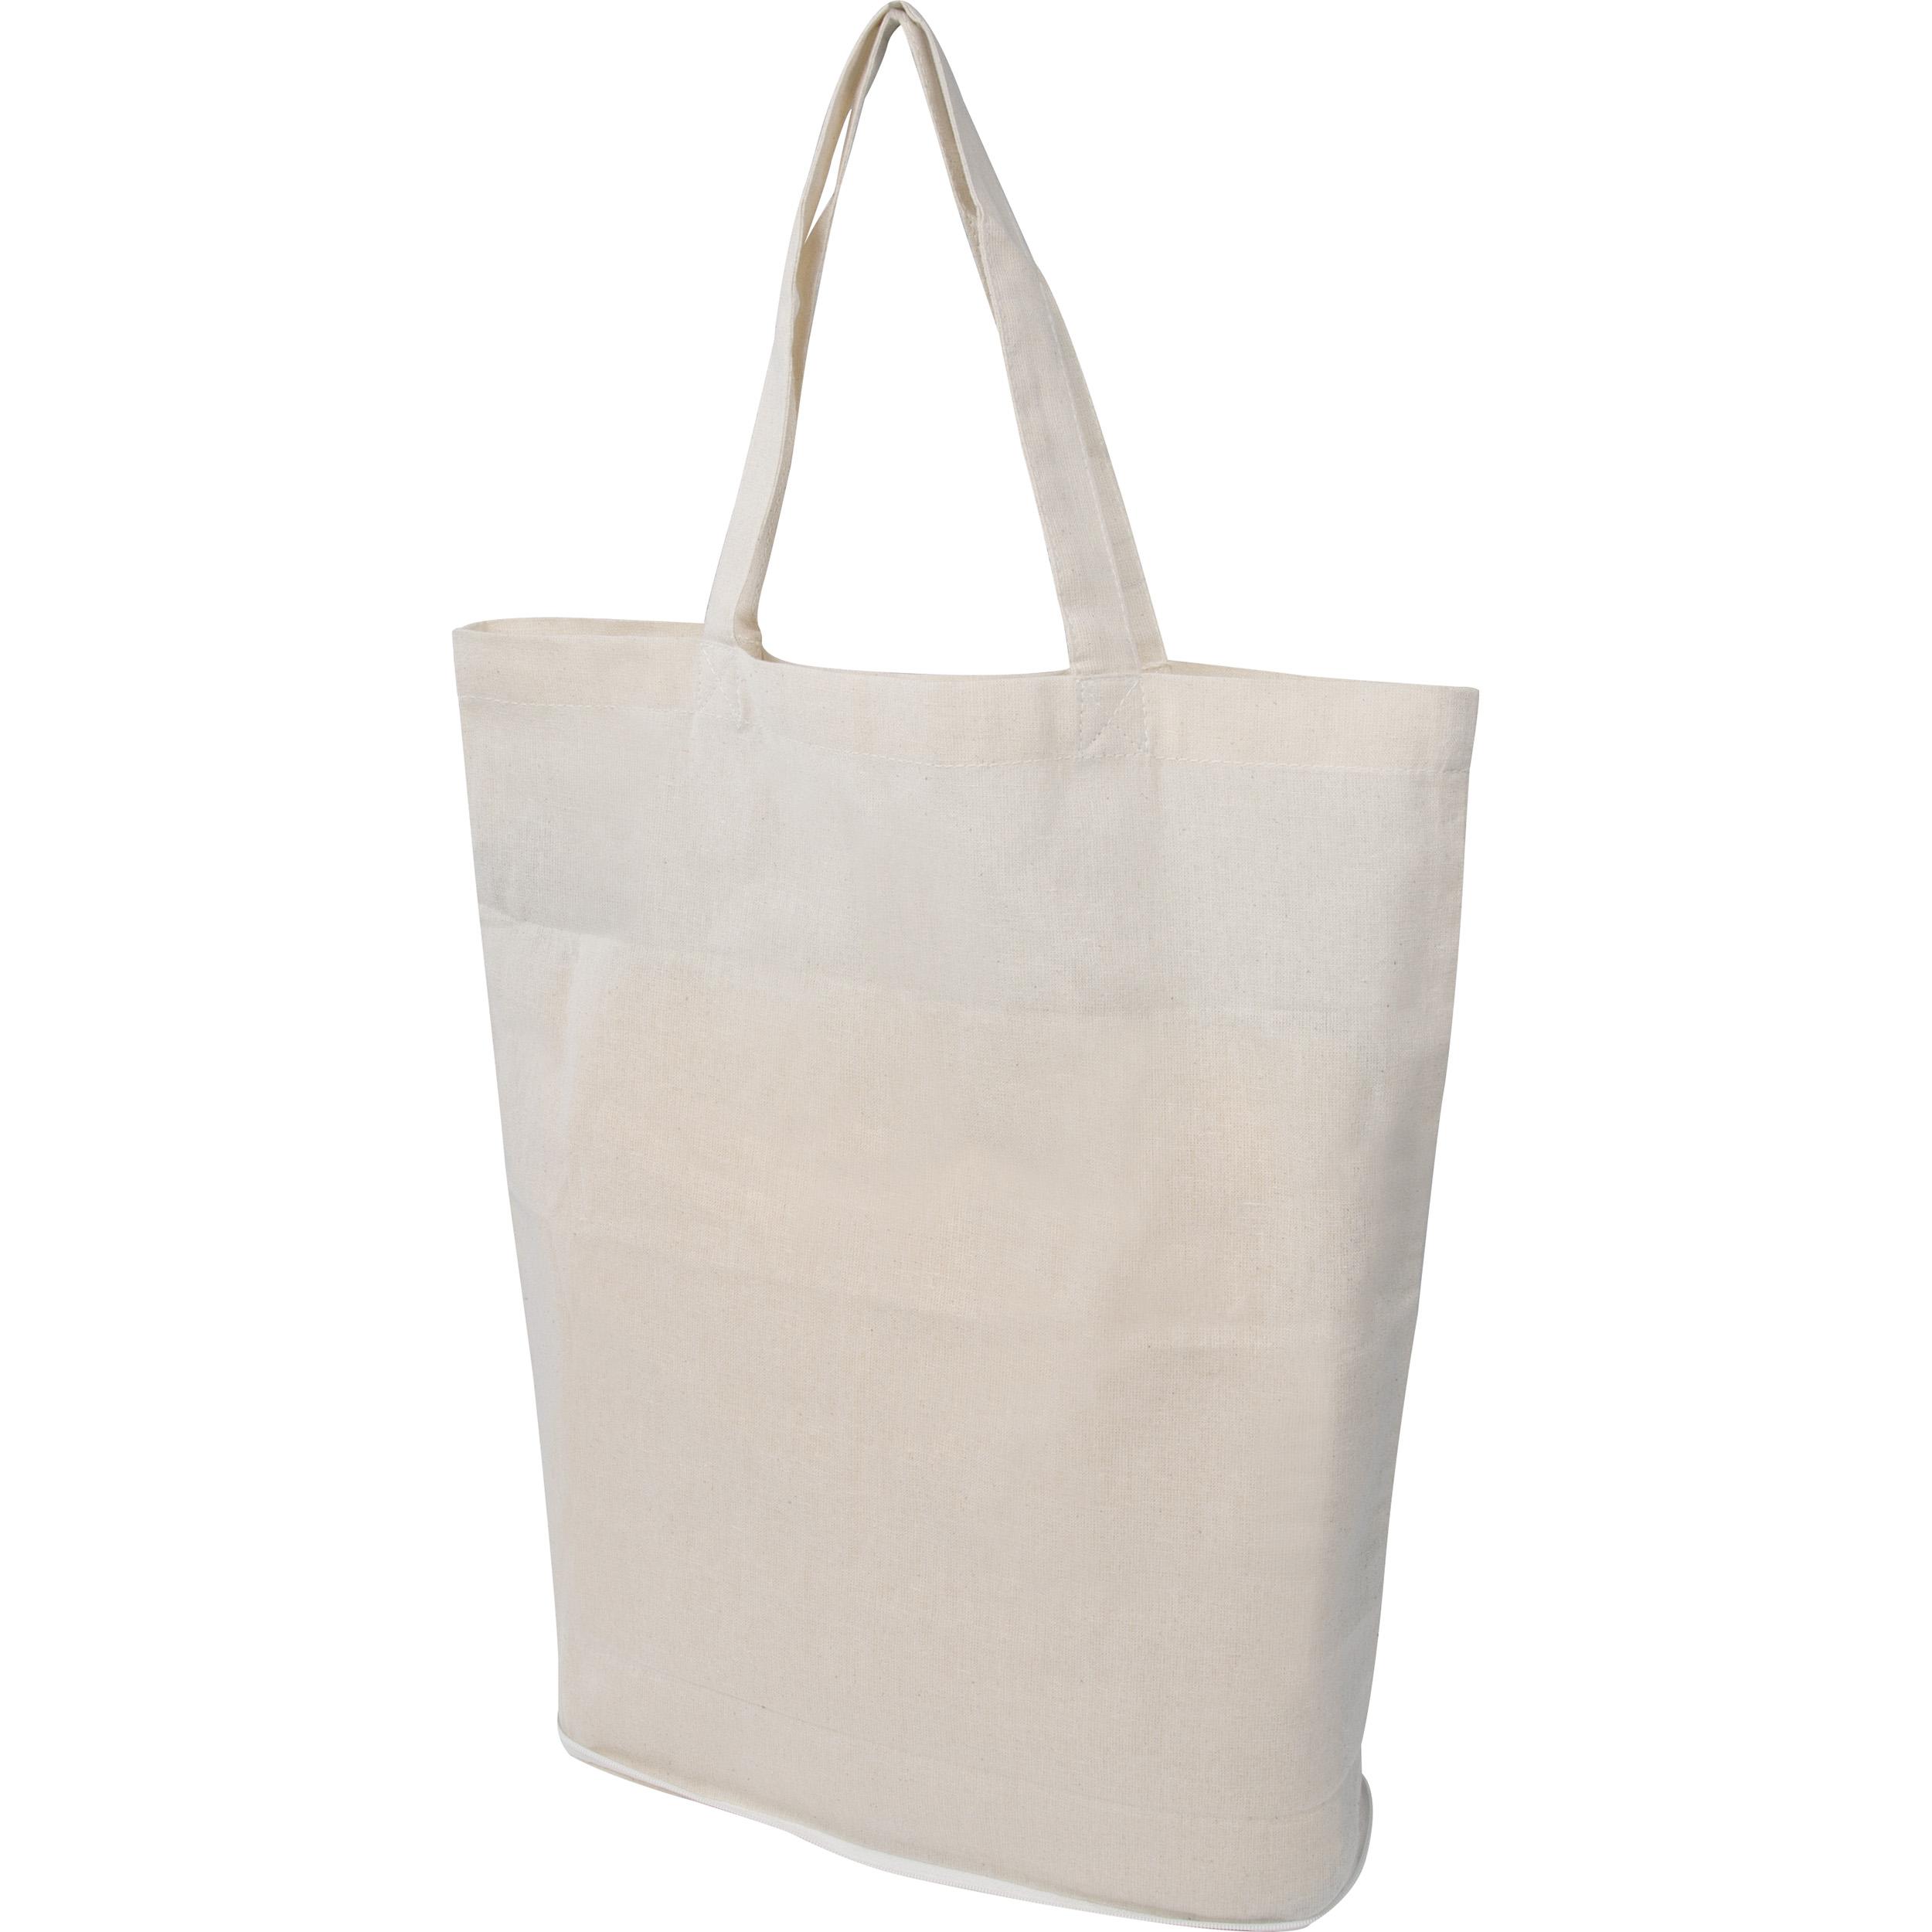 Faltbare Oeko-Tex® STANDARD 100 Einkaufstasche aus Baumwolle